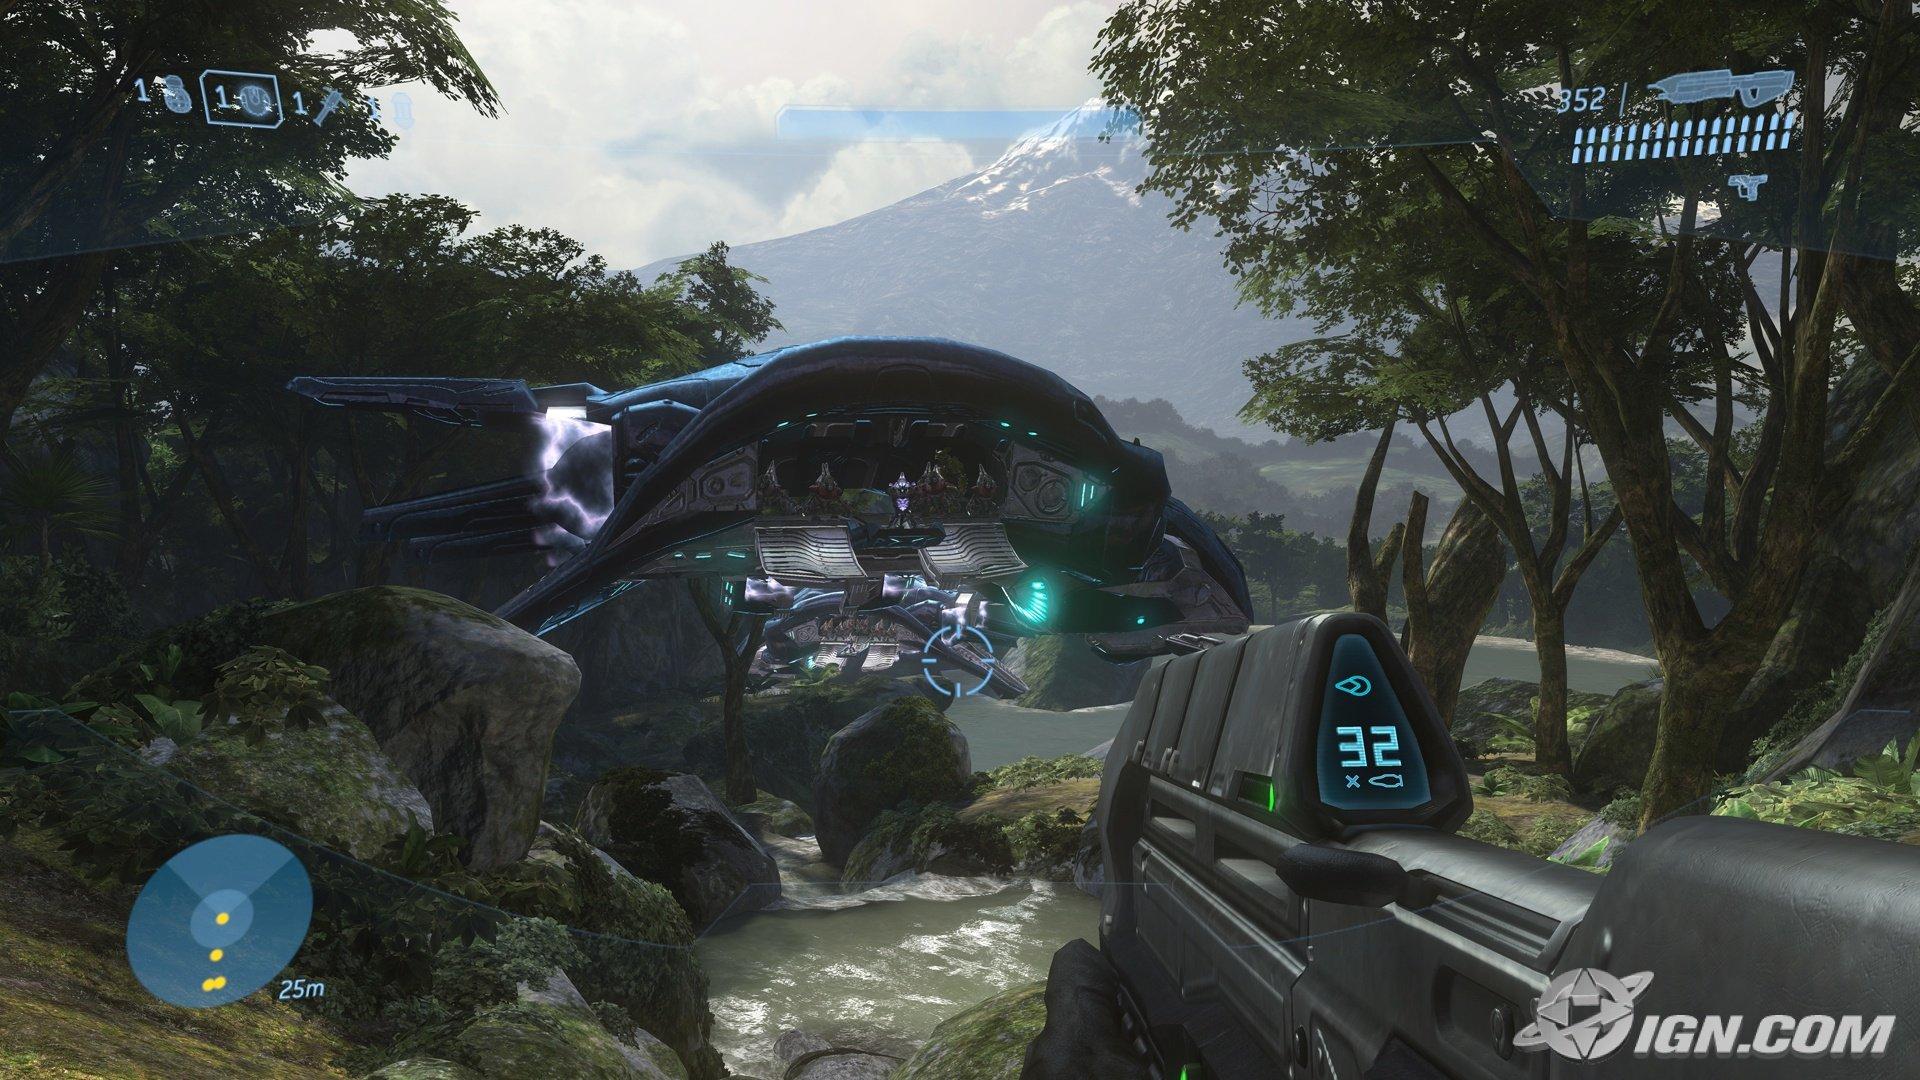 2007 год в компьютерных играх - Изображение 29